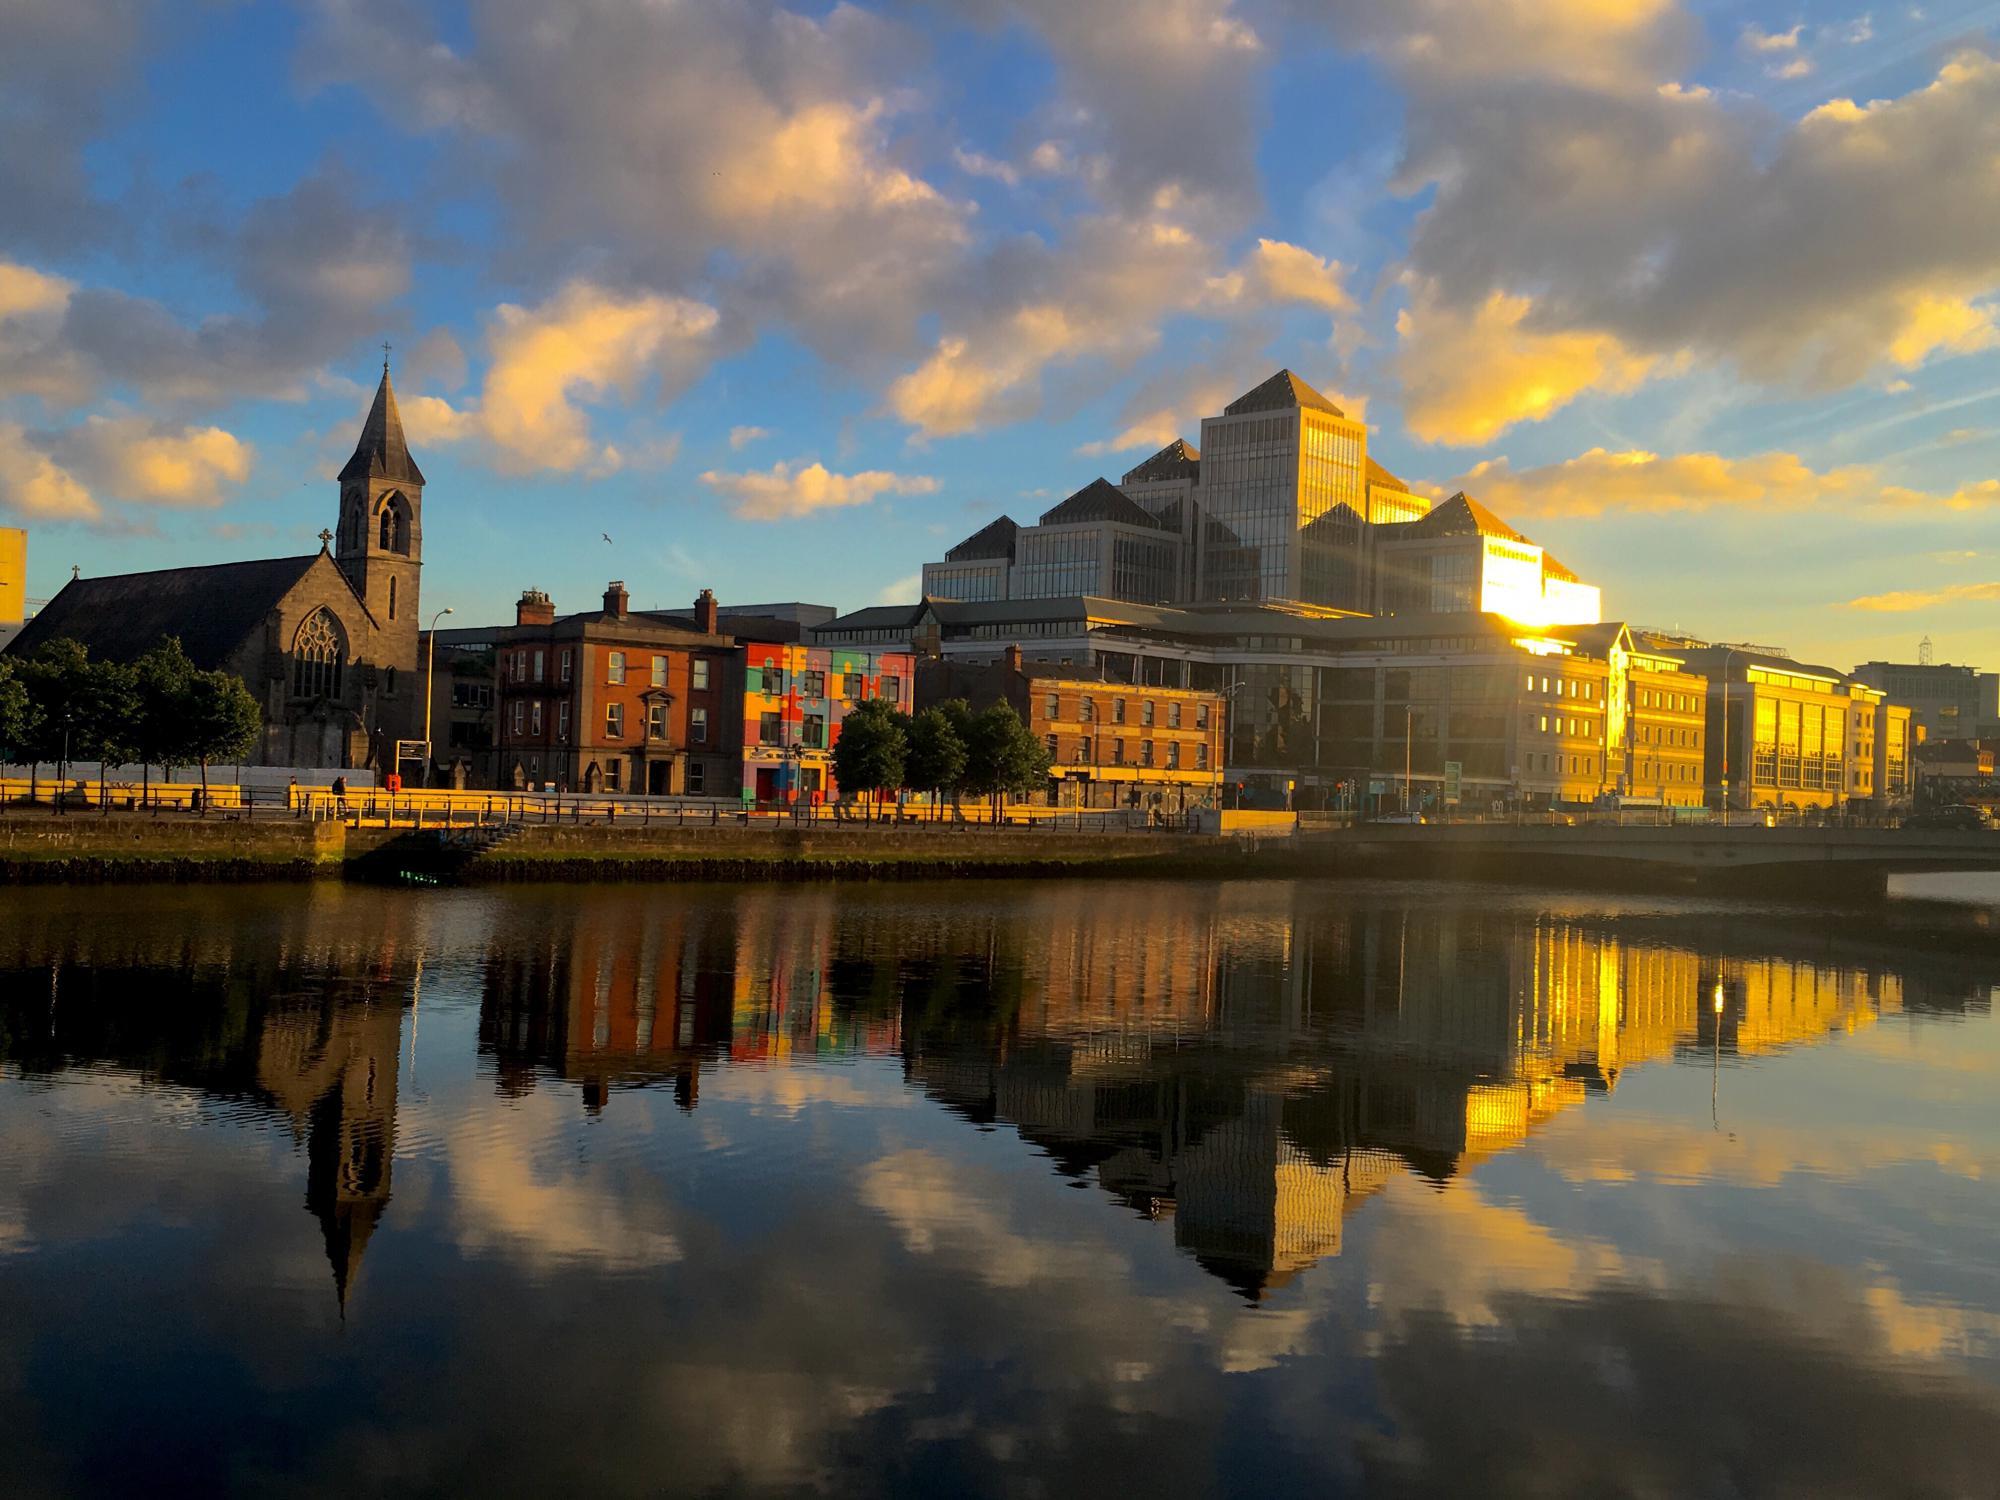 Ирландия снижает общую ставку по НДС